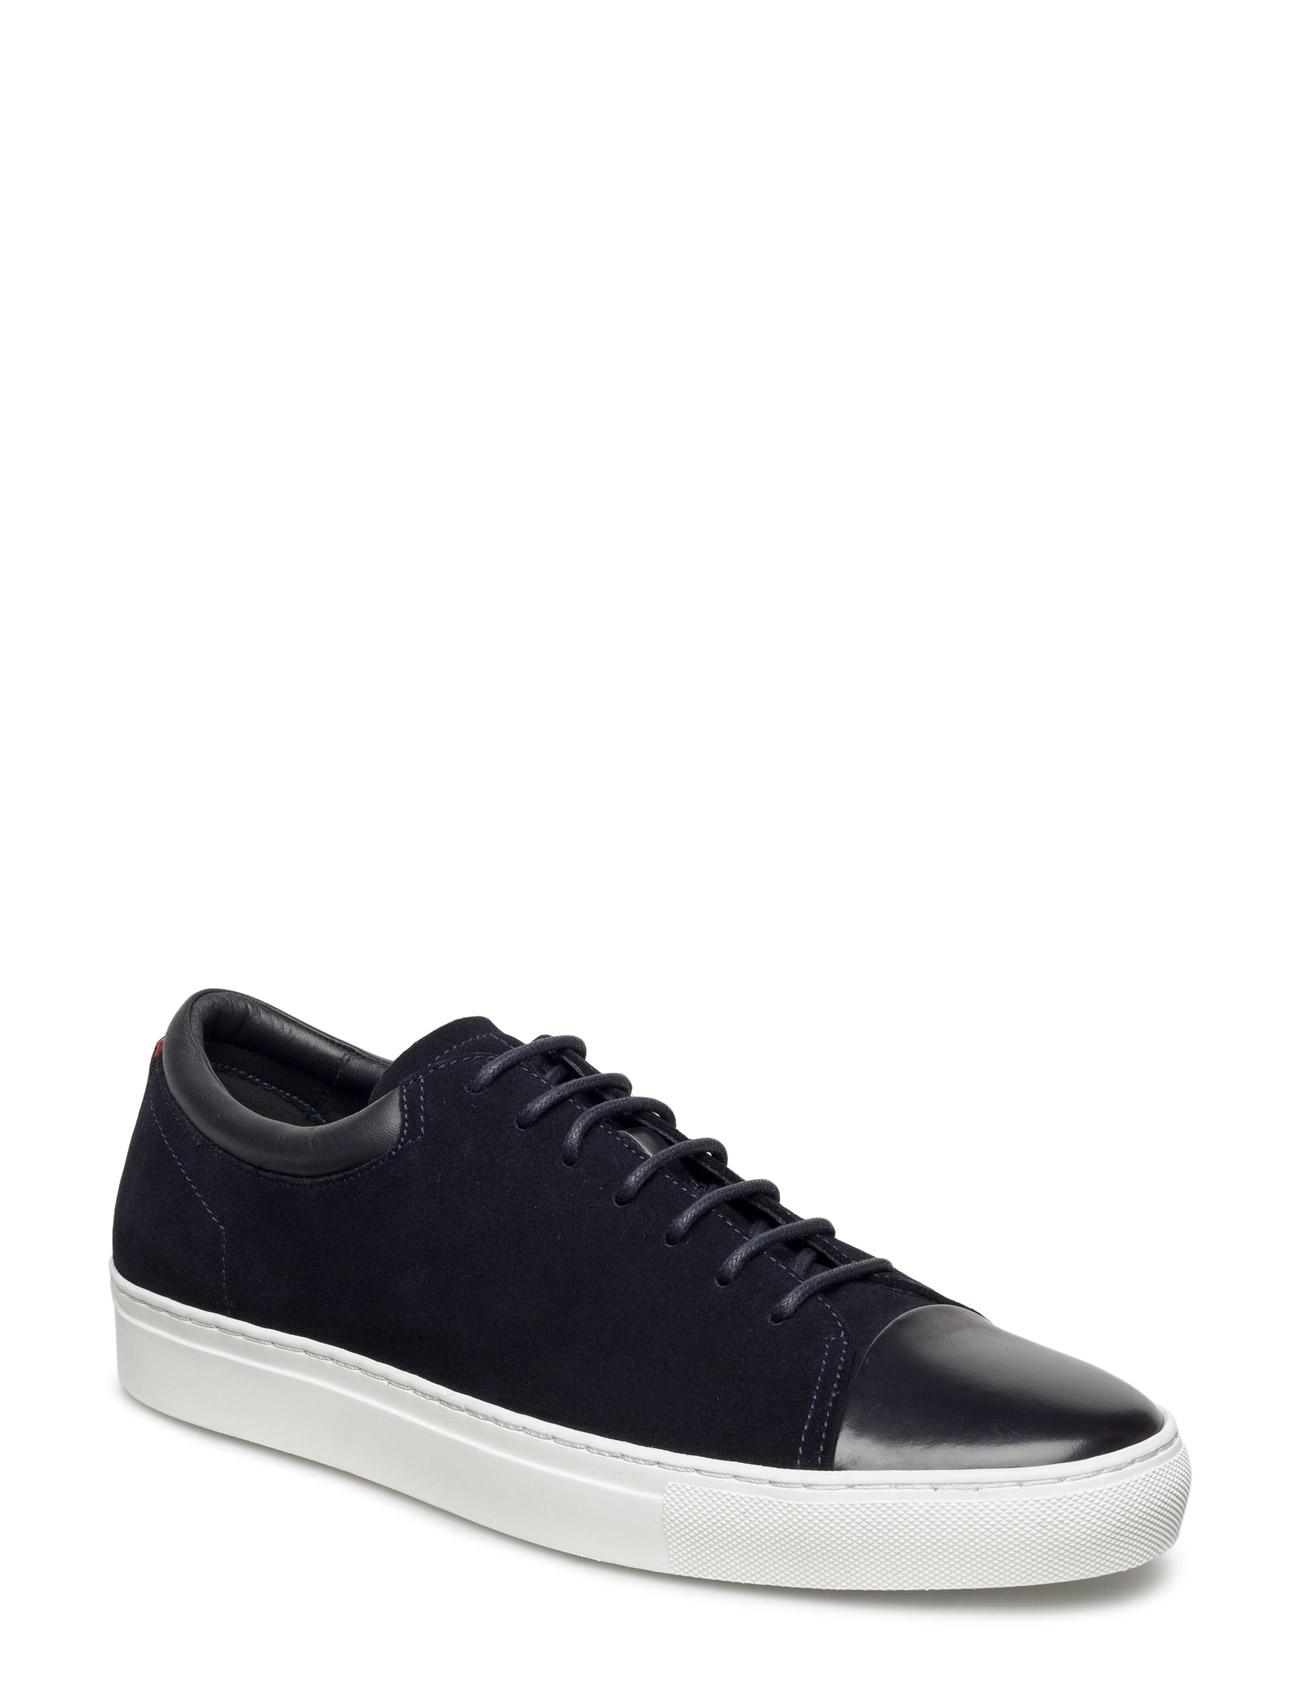 Casualfut_tenn_sd HUGO Sneakers til Herrer i Mellem grå